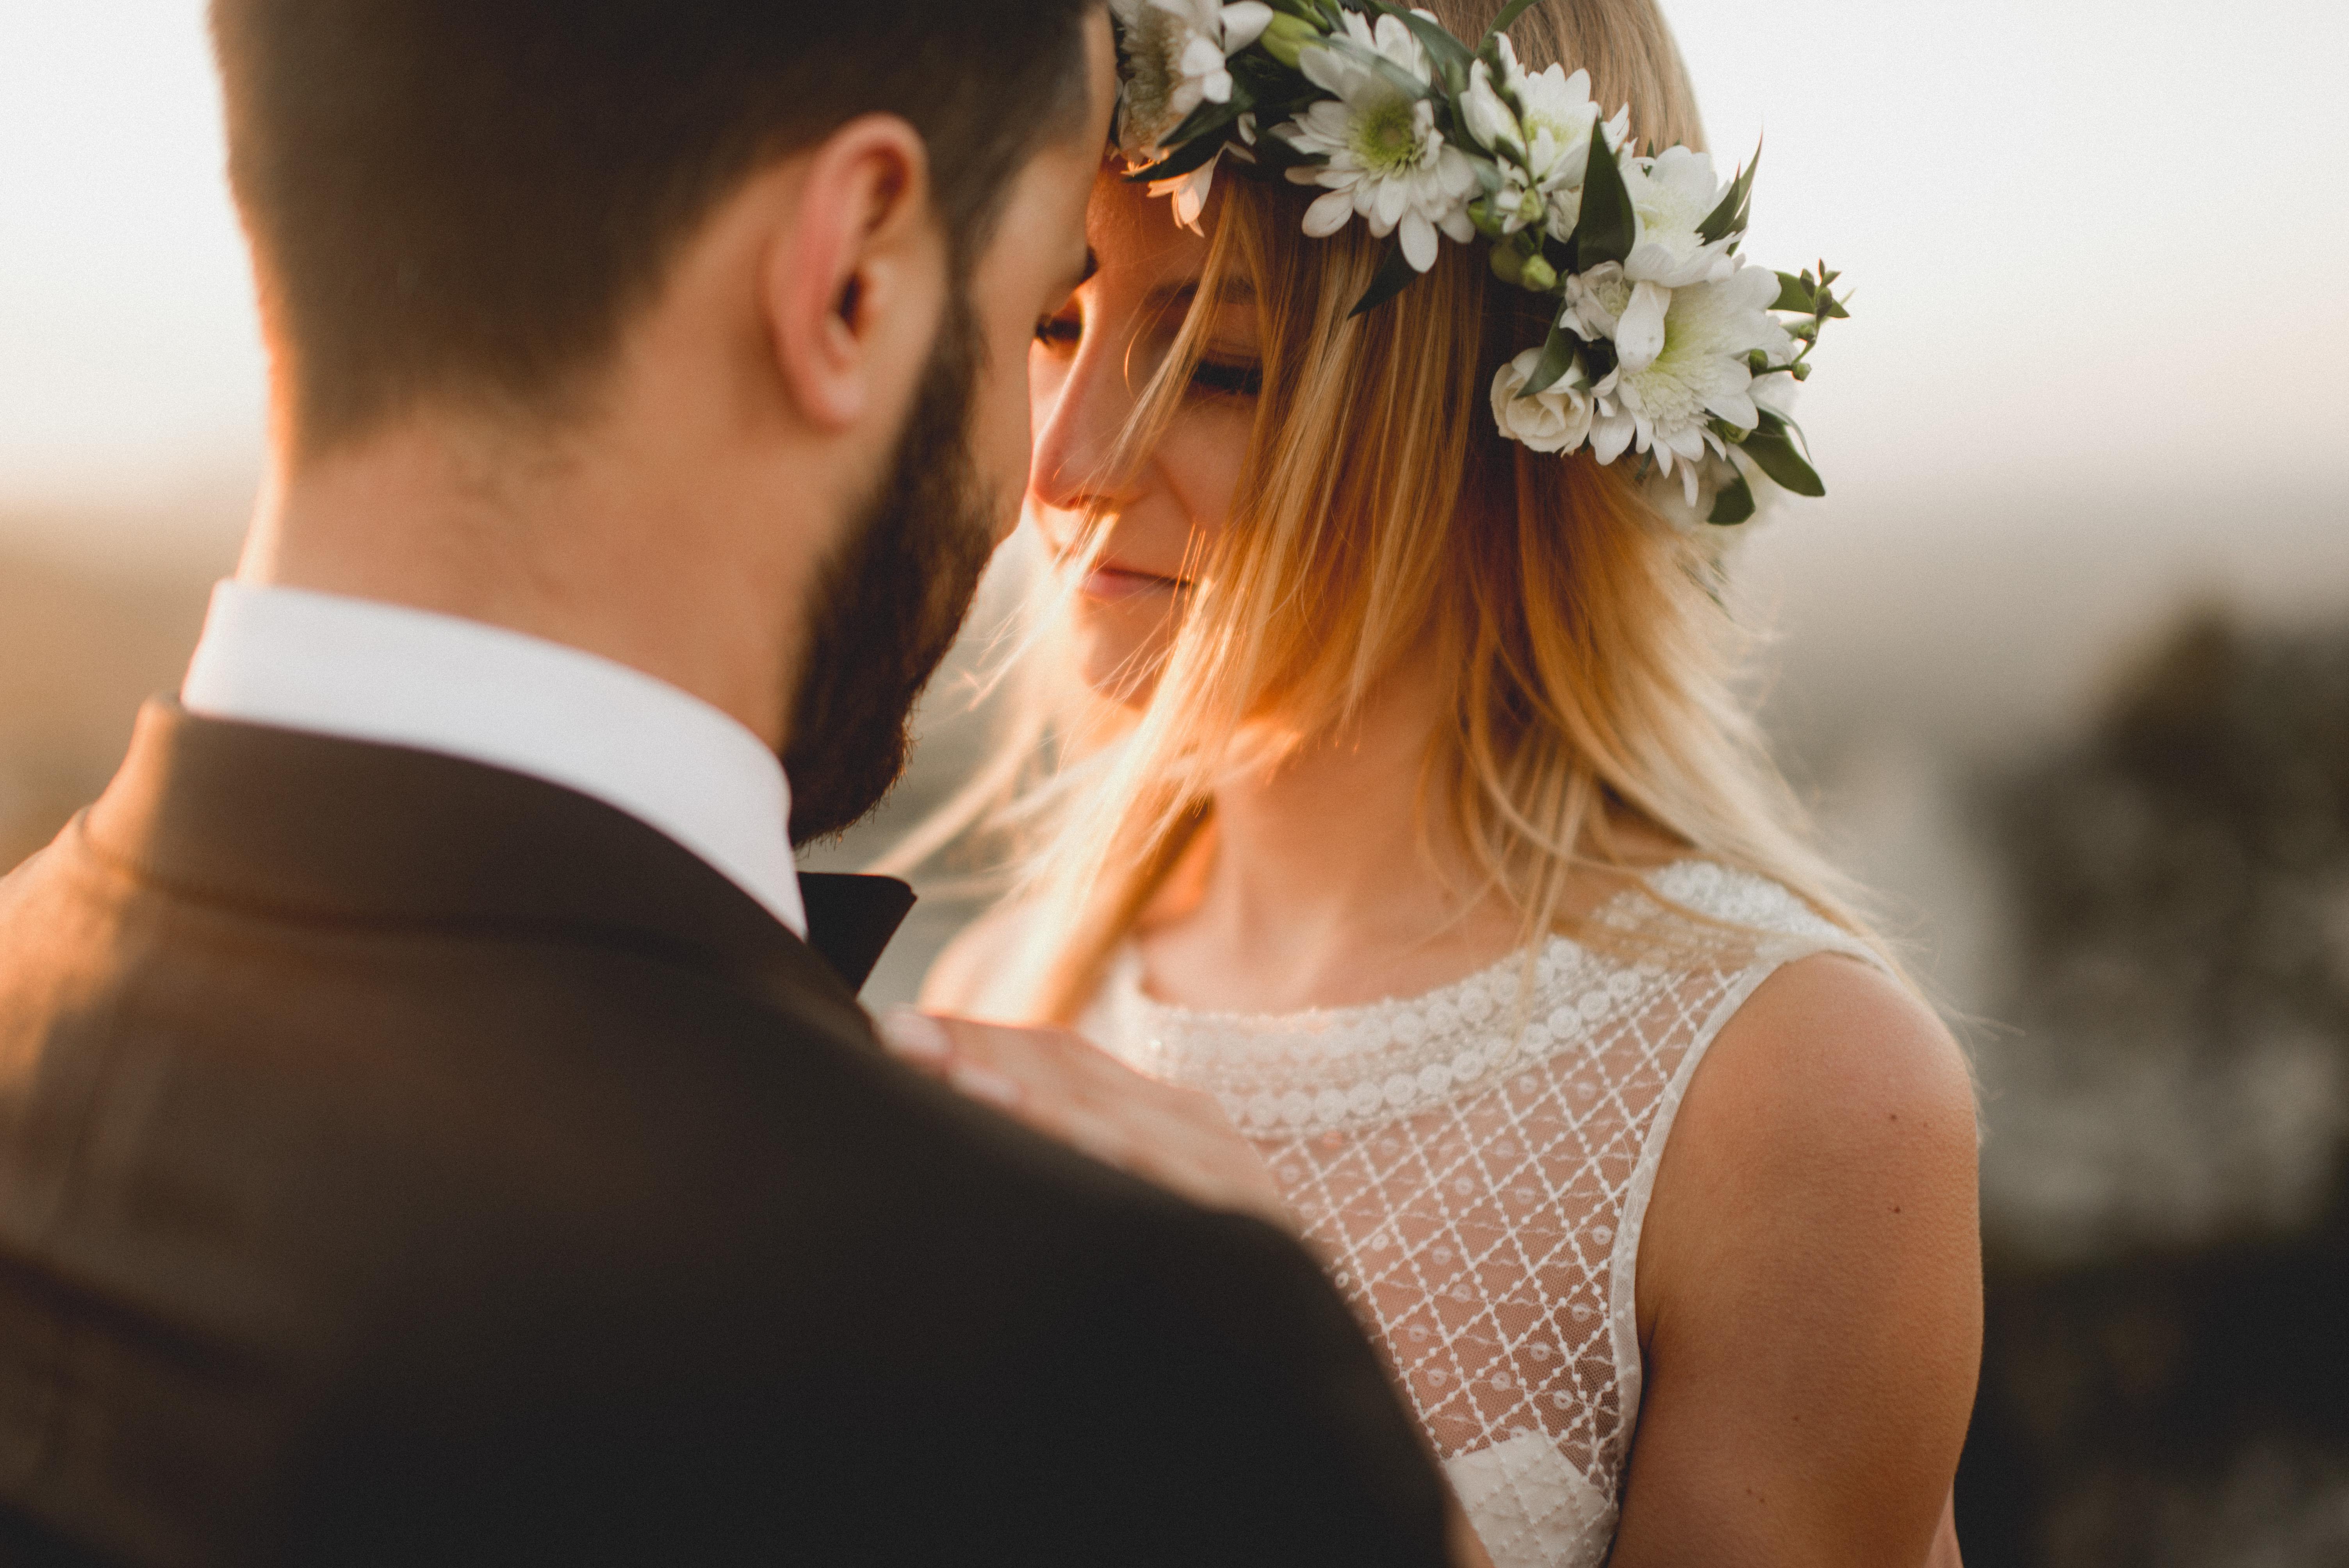 fotografia ślubna rady dla początkujących